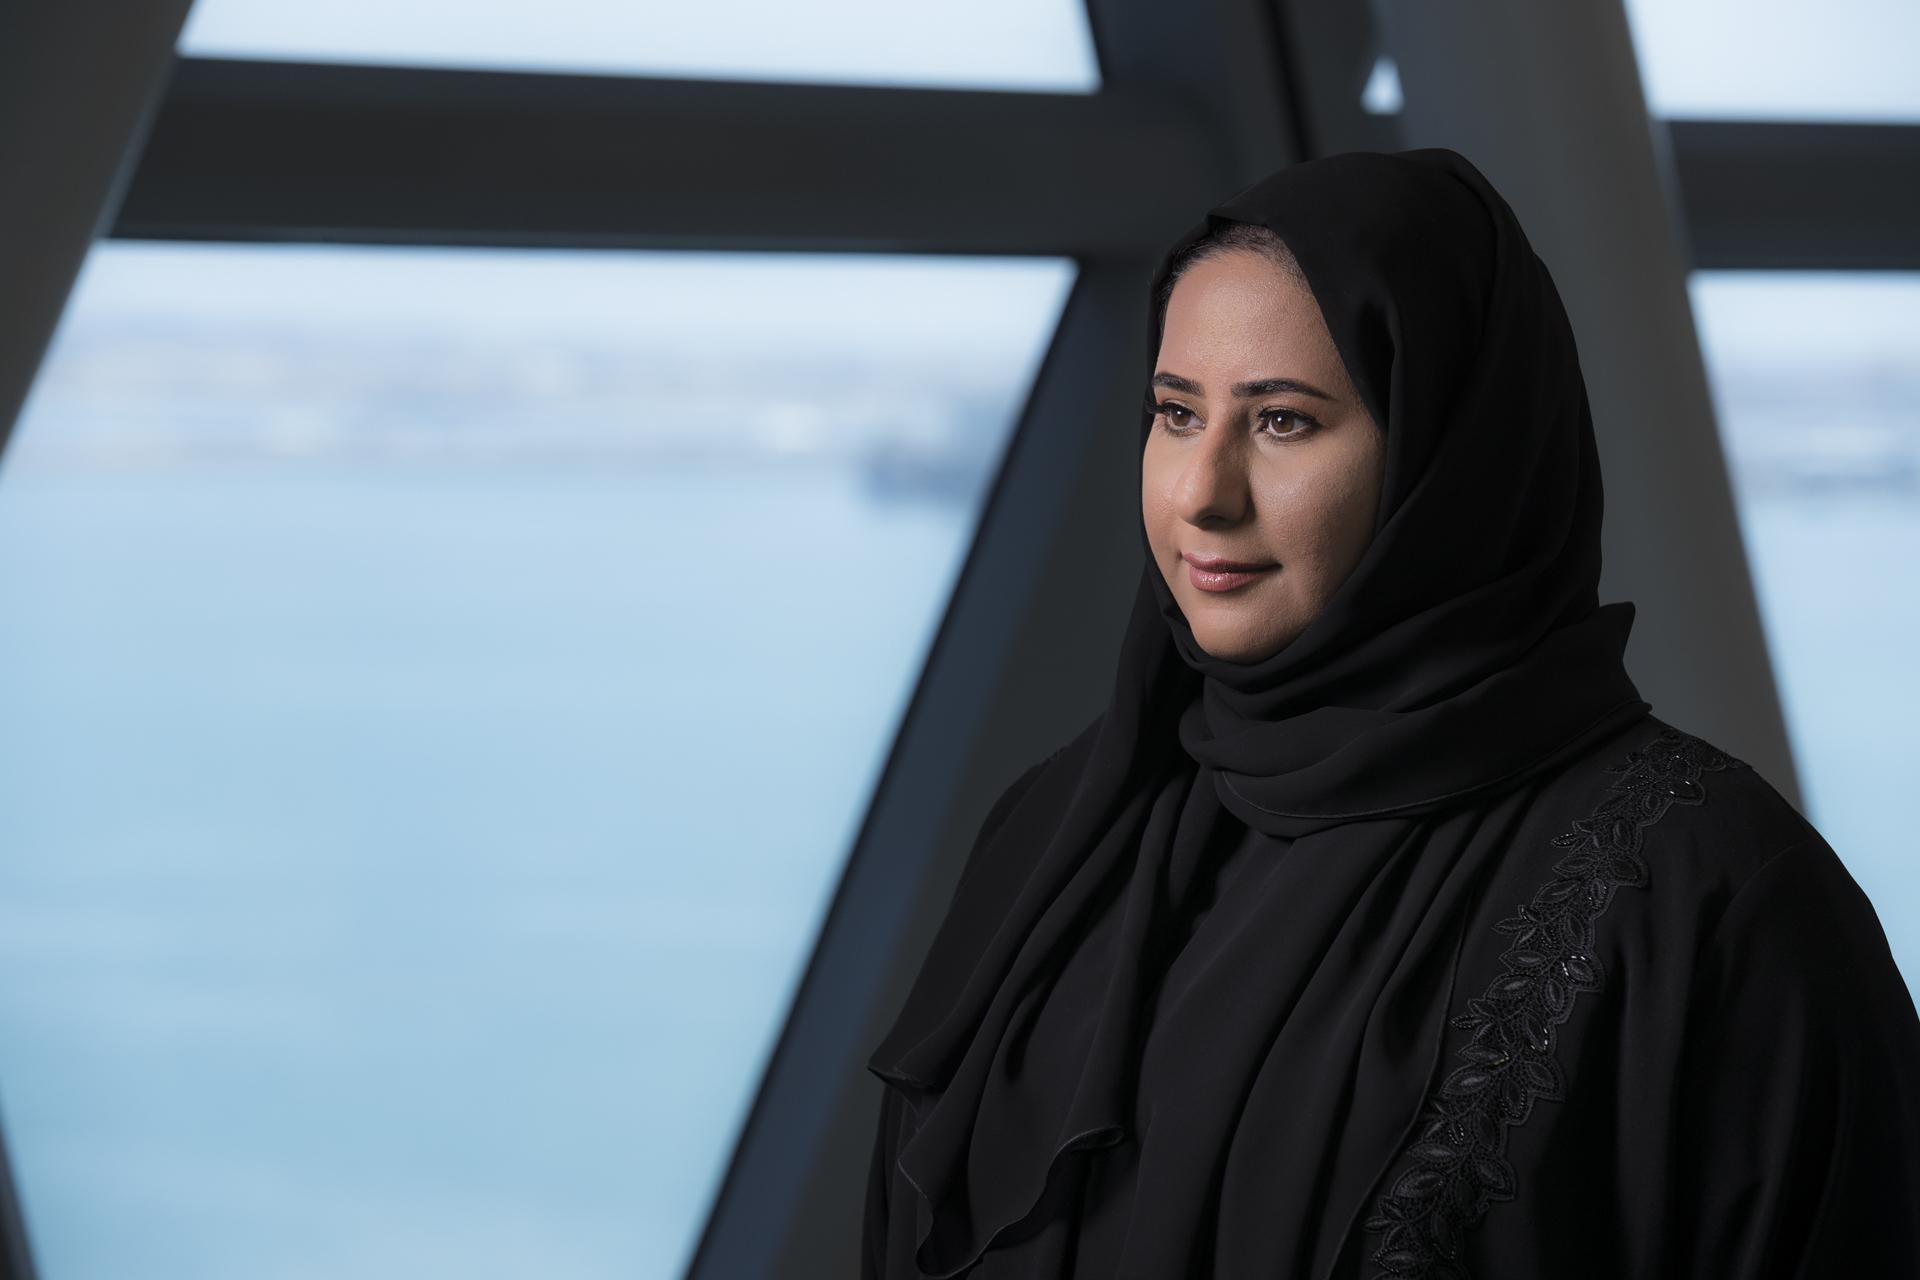 Fatma Al Nuiami